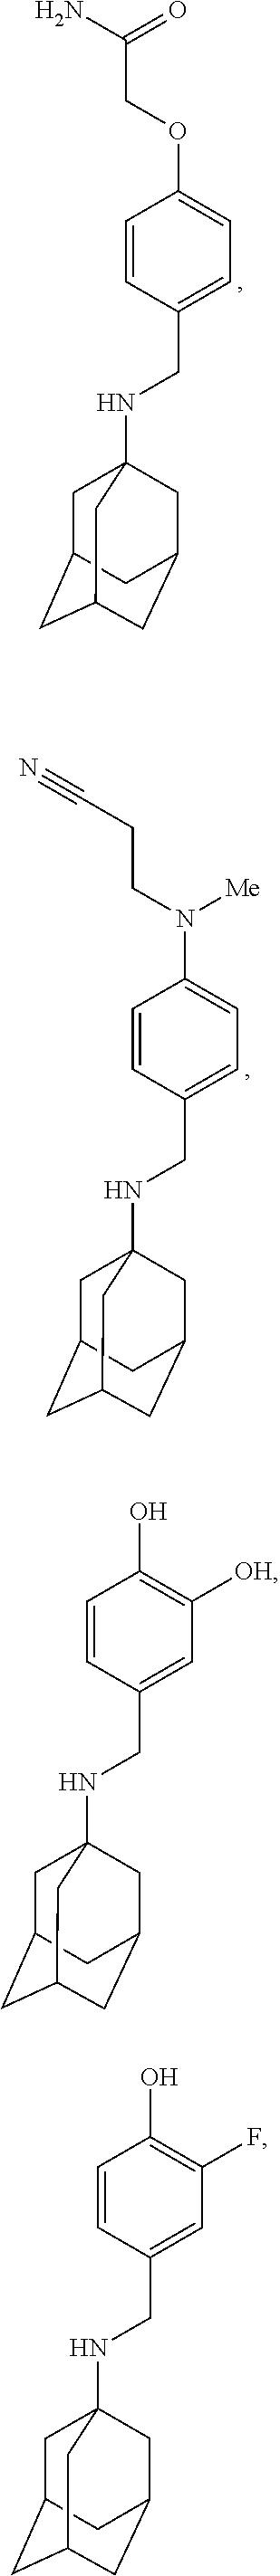 Figure US09884832-20180206-C00014